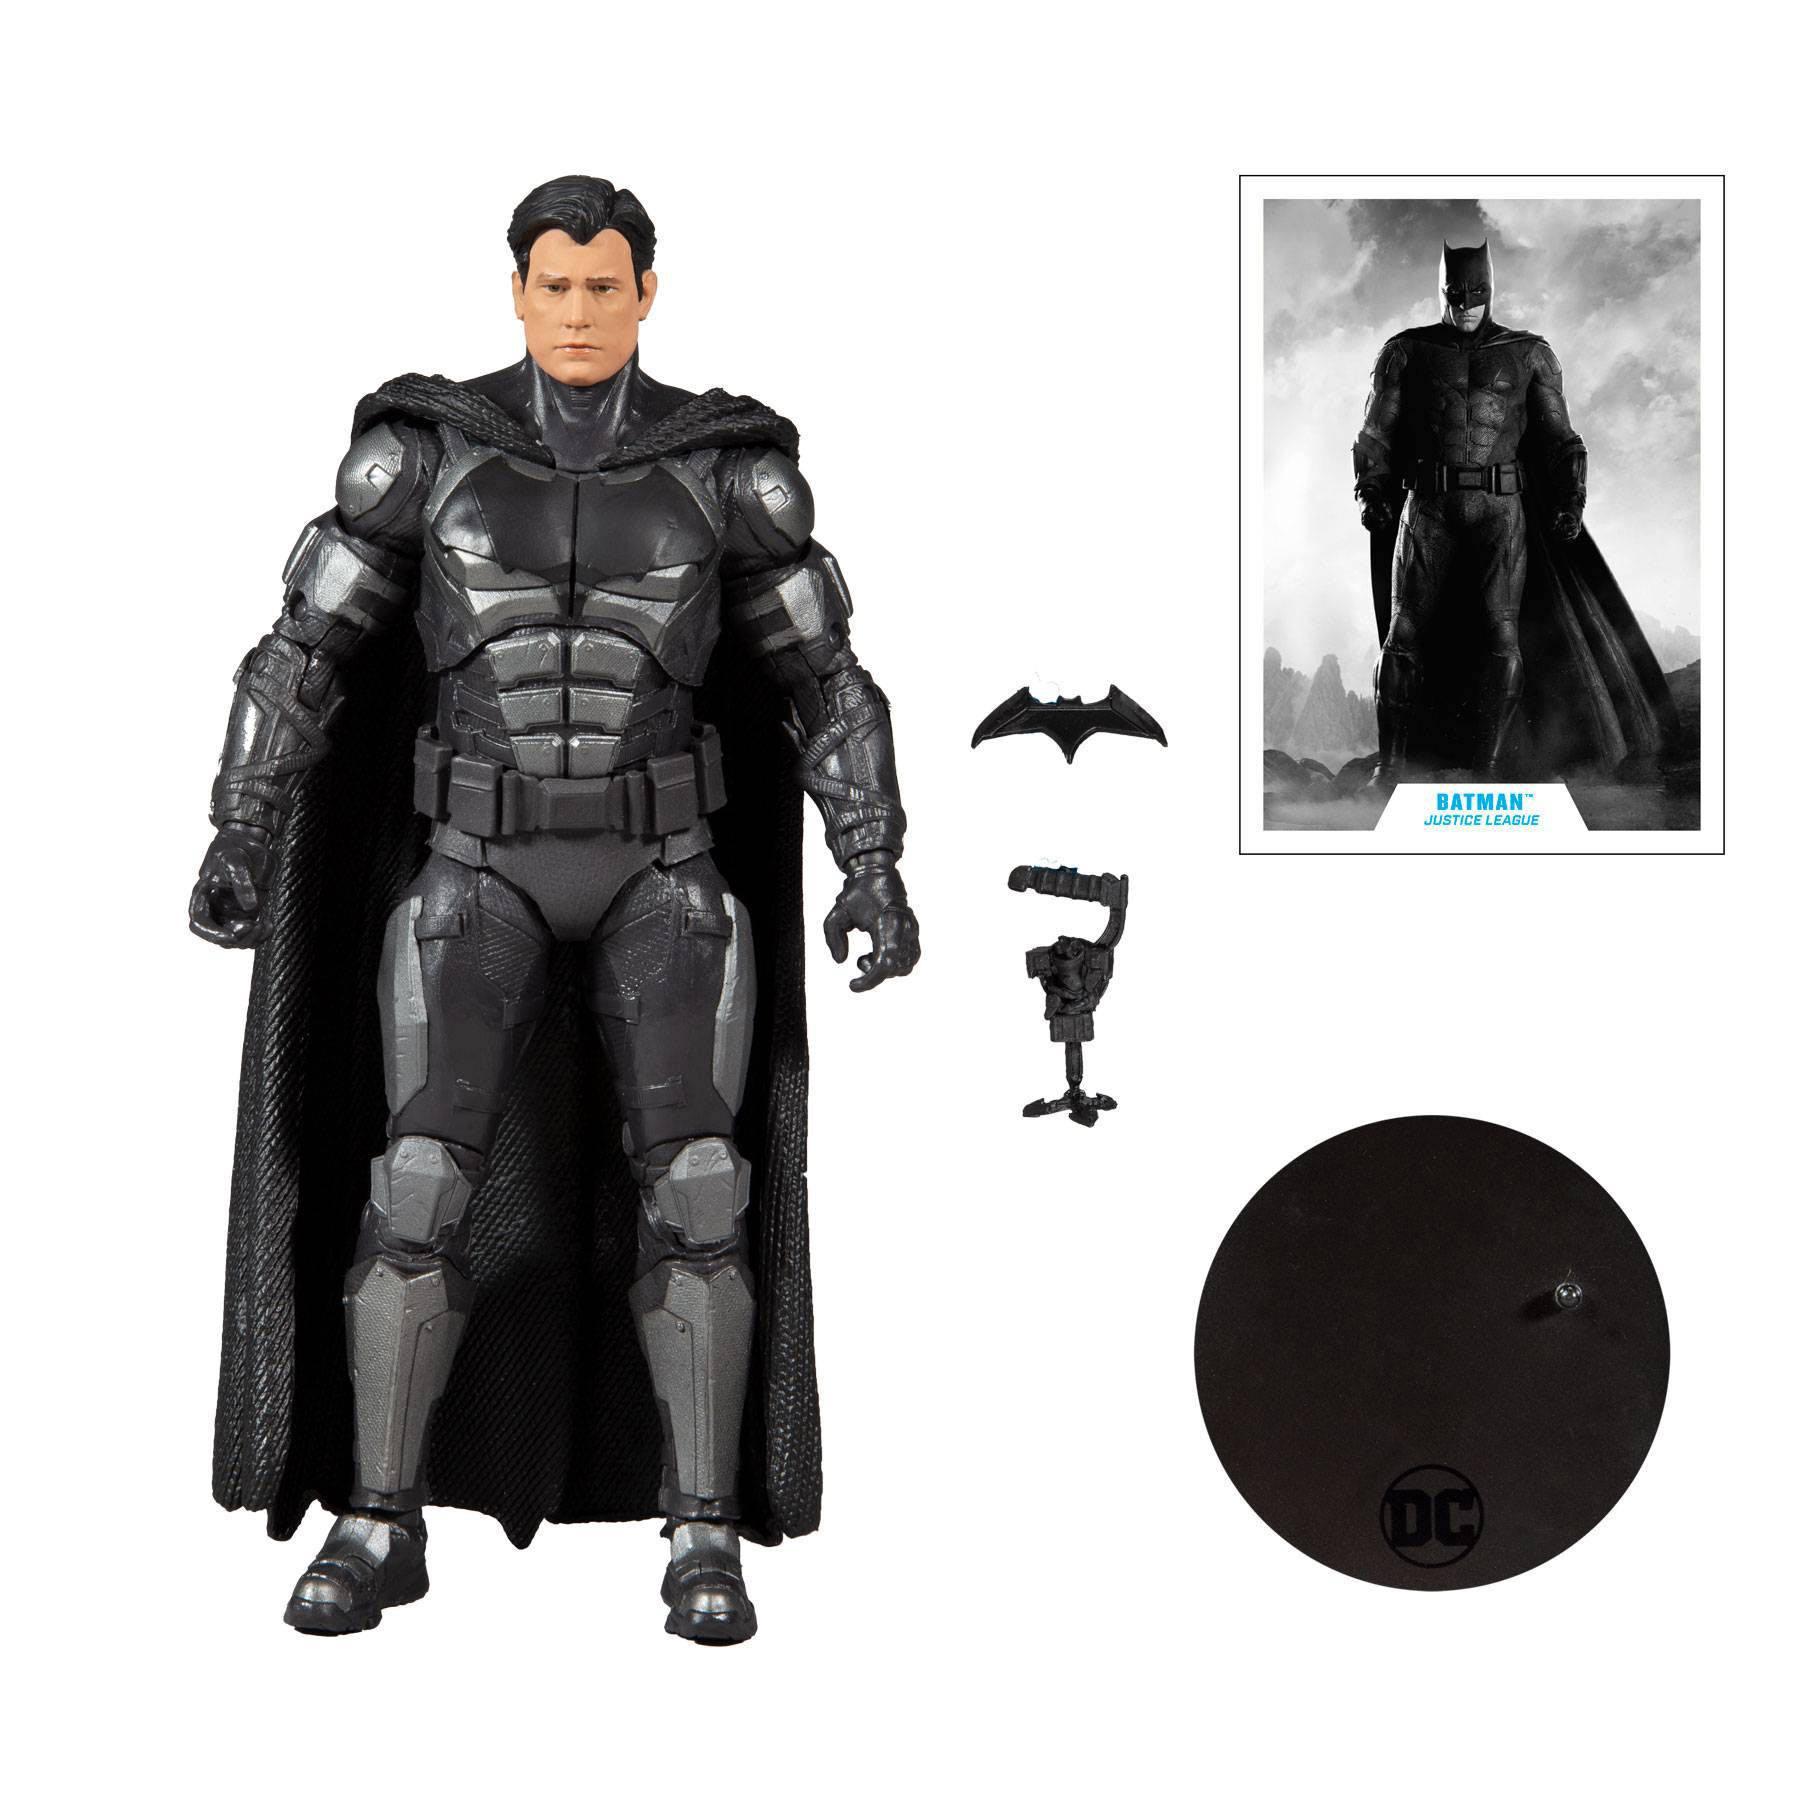 DC Justice League Movie Actionfigur Batman (Bruce Wayne) 18 cm MCF15096-4 787926150964